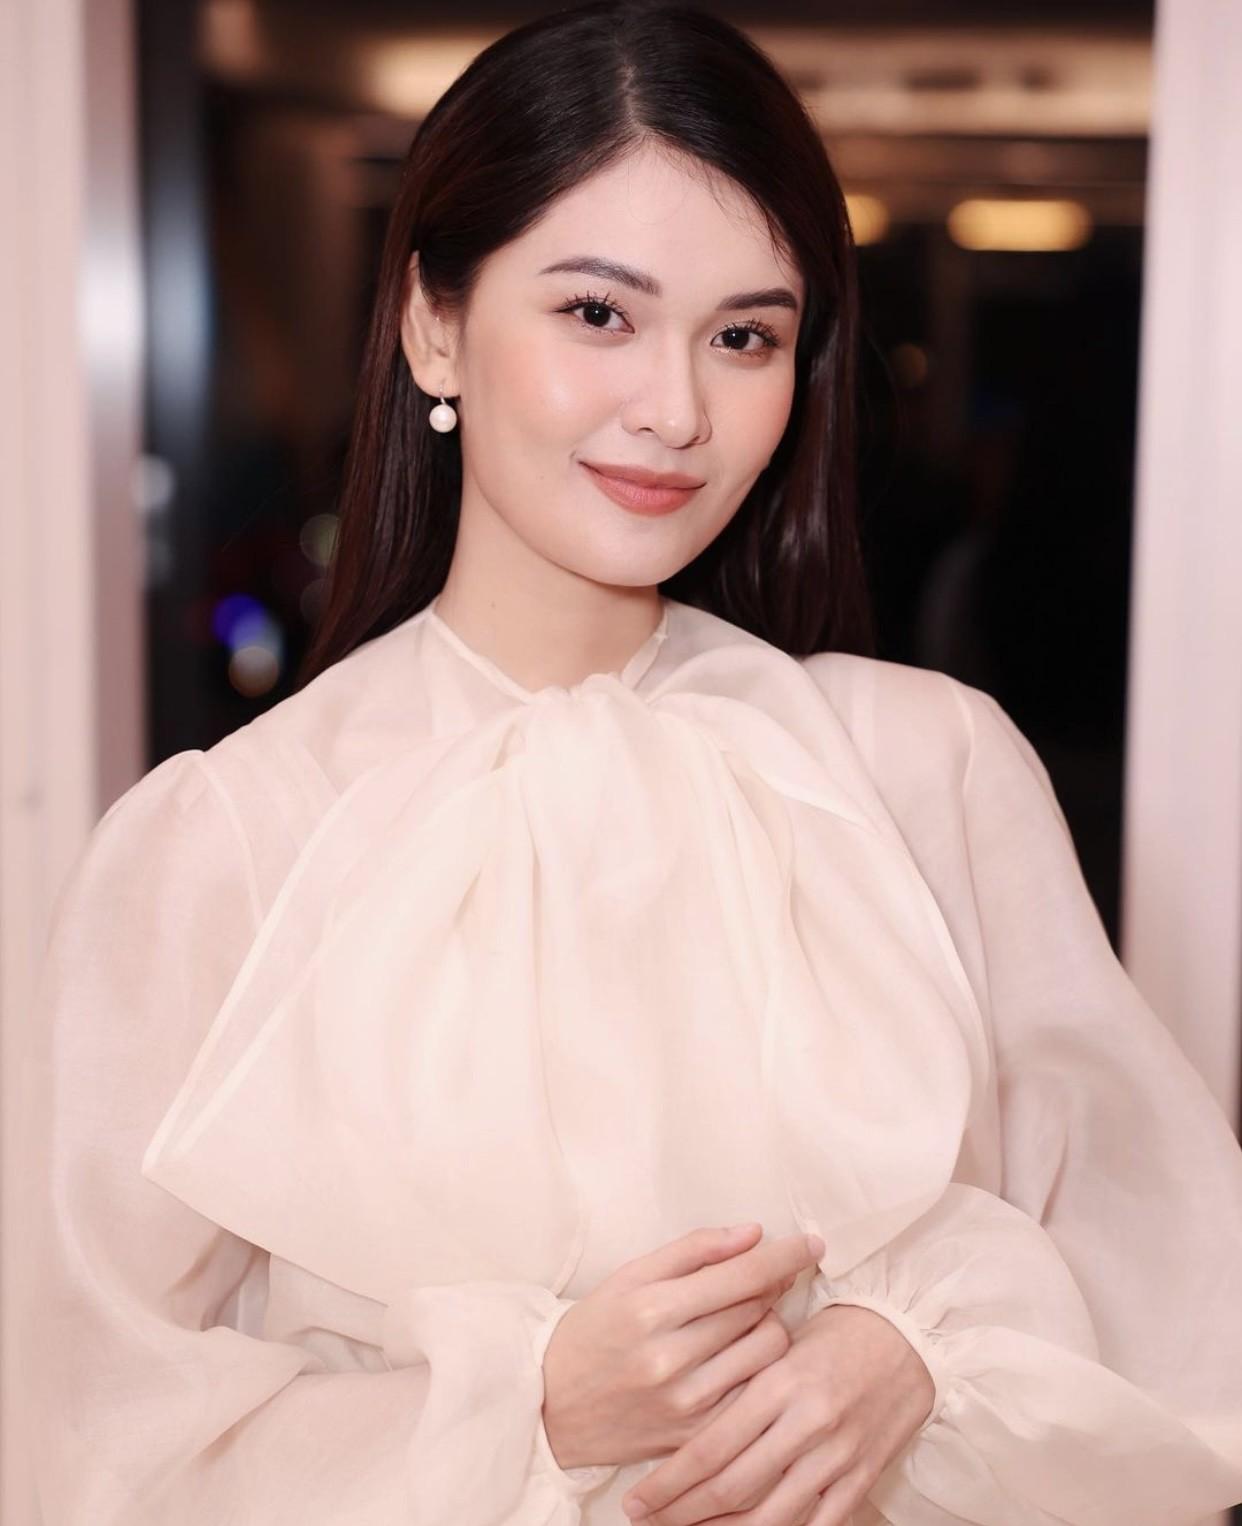 Hoa hậu Tiểu Vy mặc đơn giản vẫn đẹp hút hồn, Mai Phương Thuý diện váy cúp ngực nóng bỏng ảnh 11